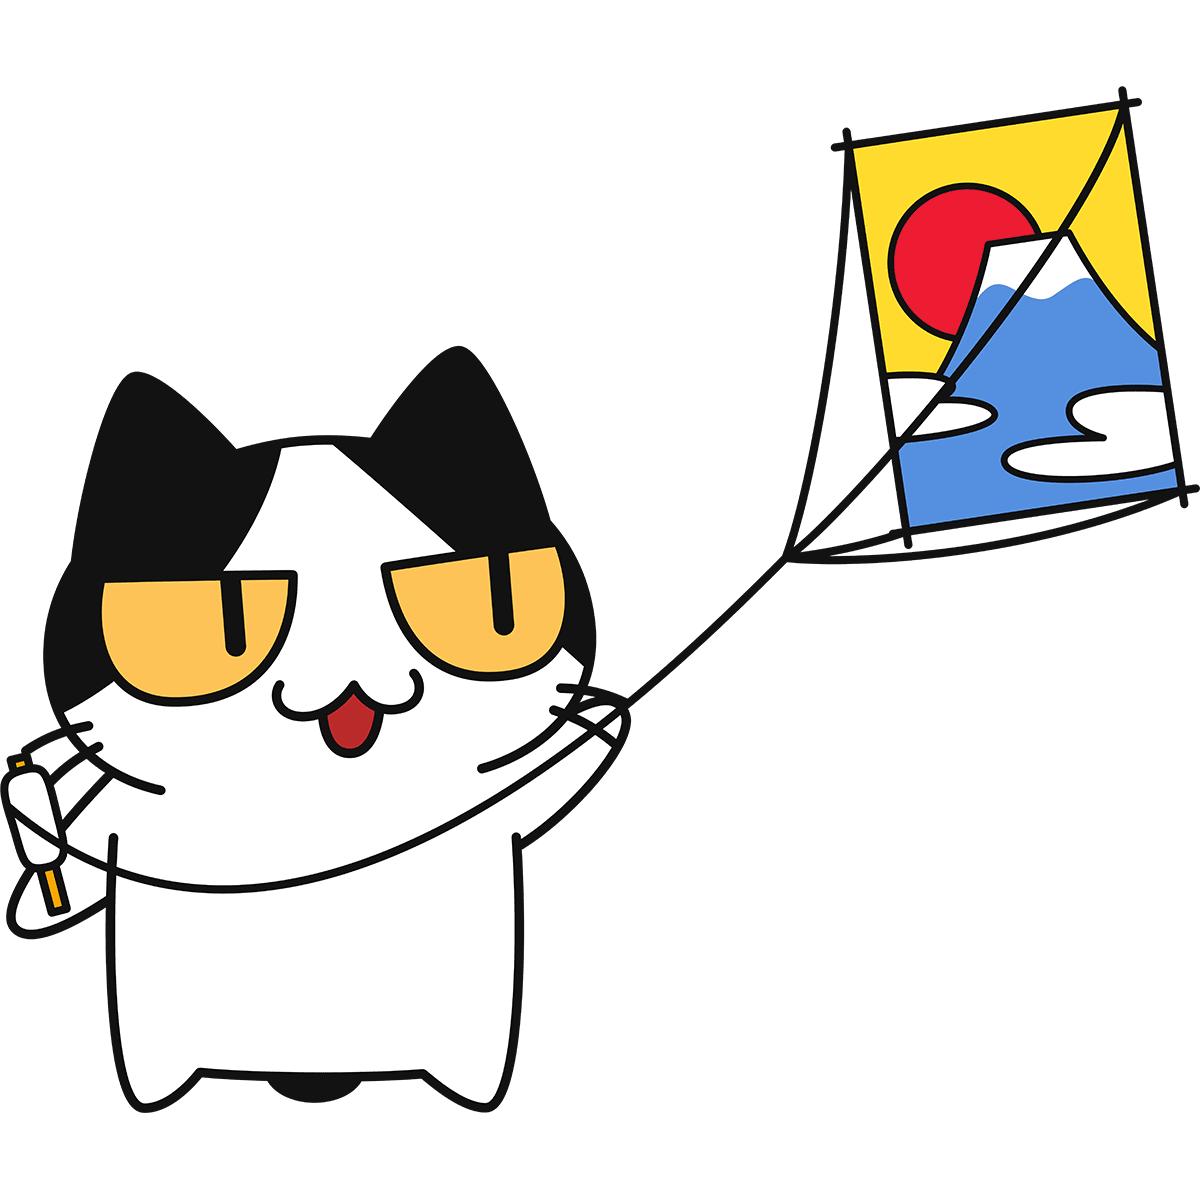 凧あげをする猫の無料イラスト